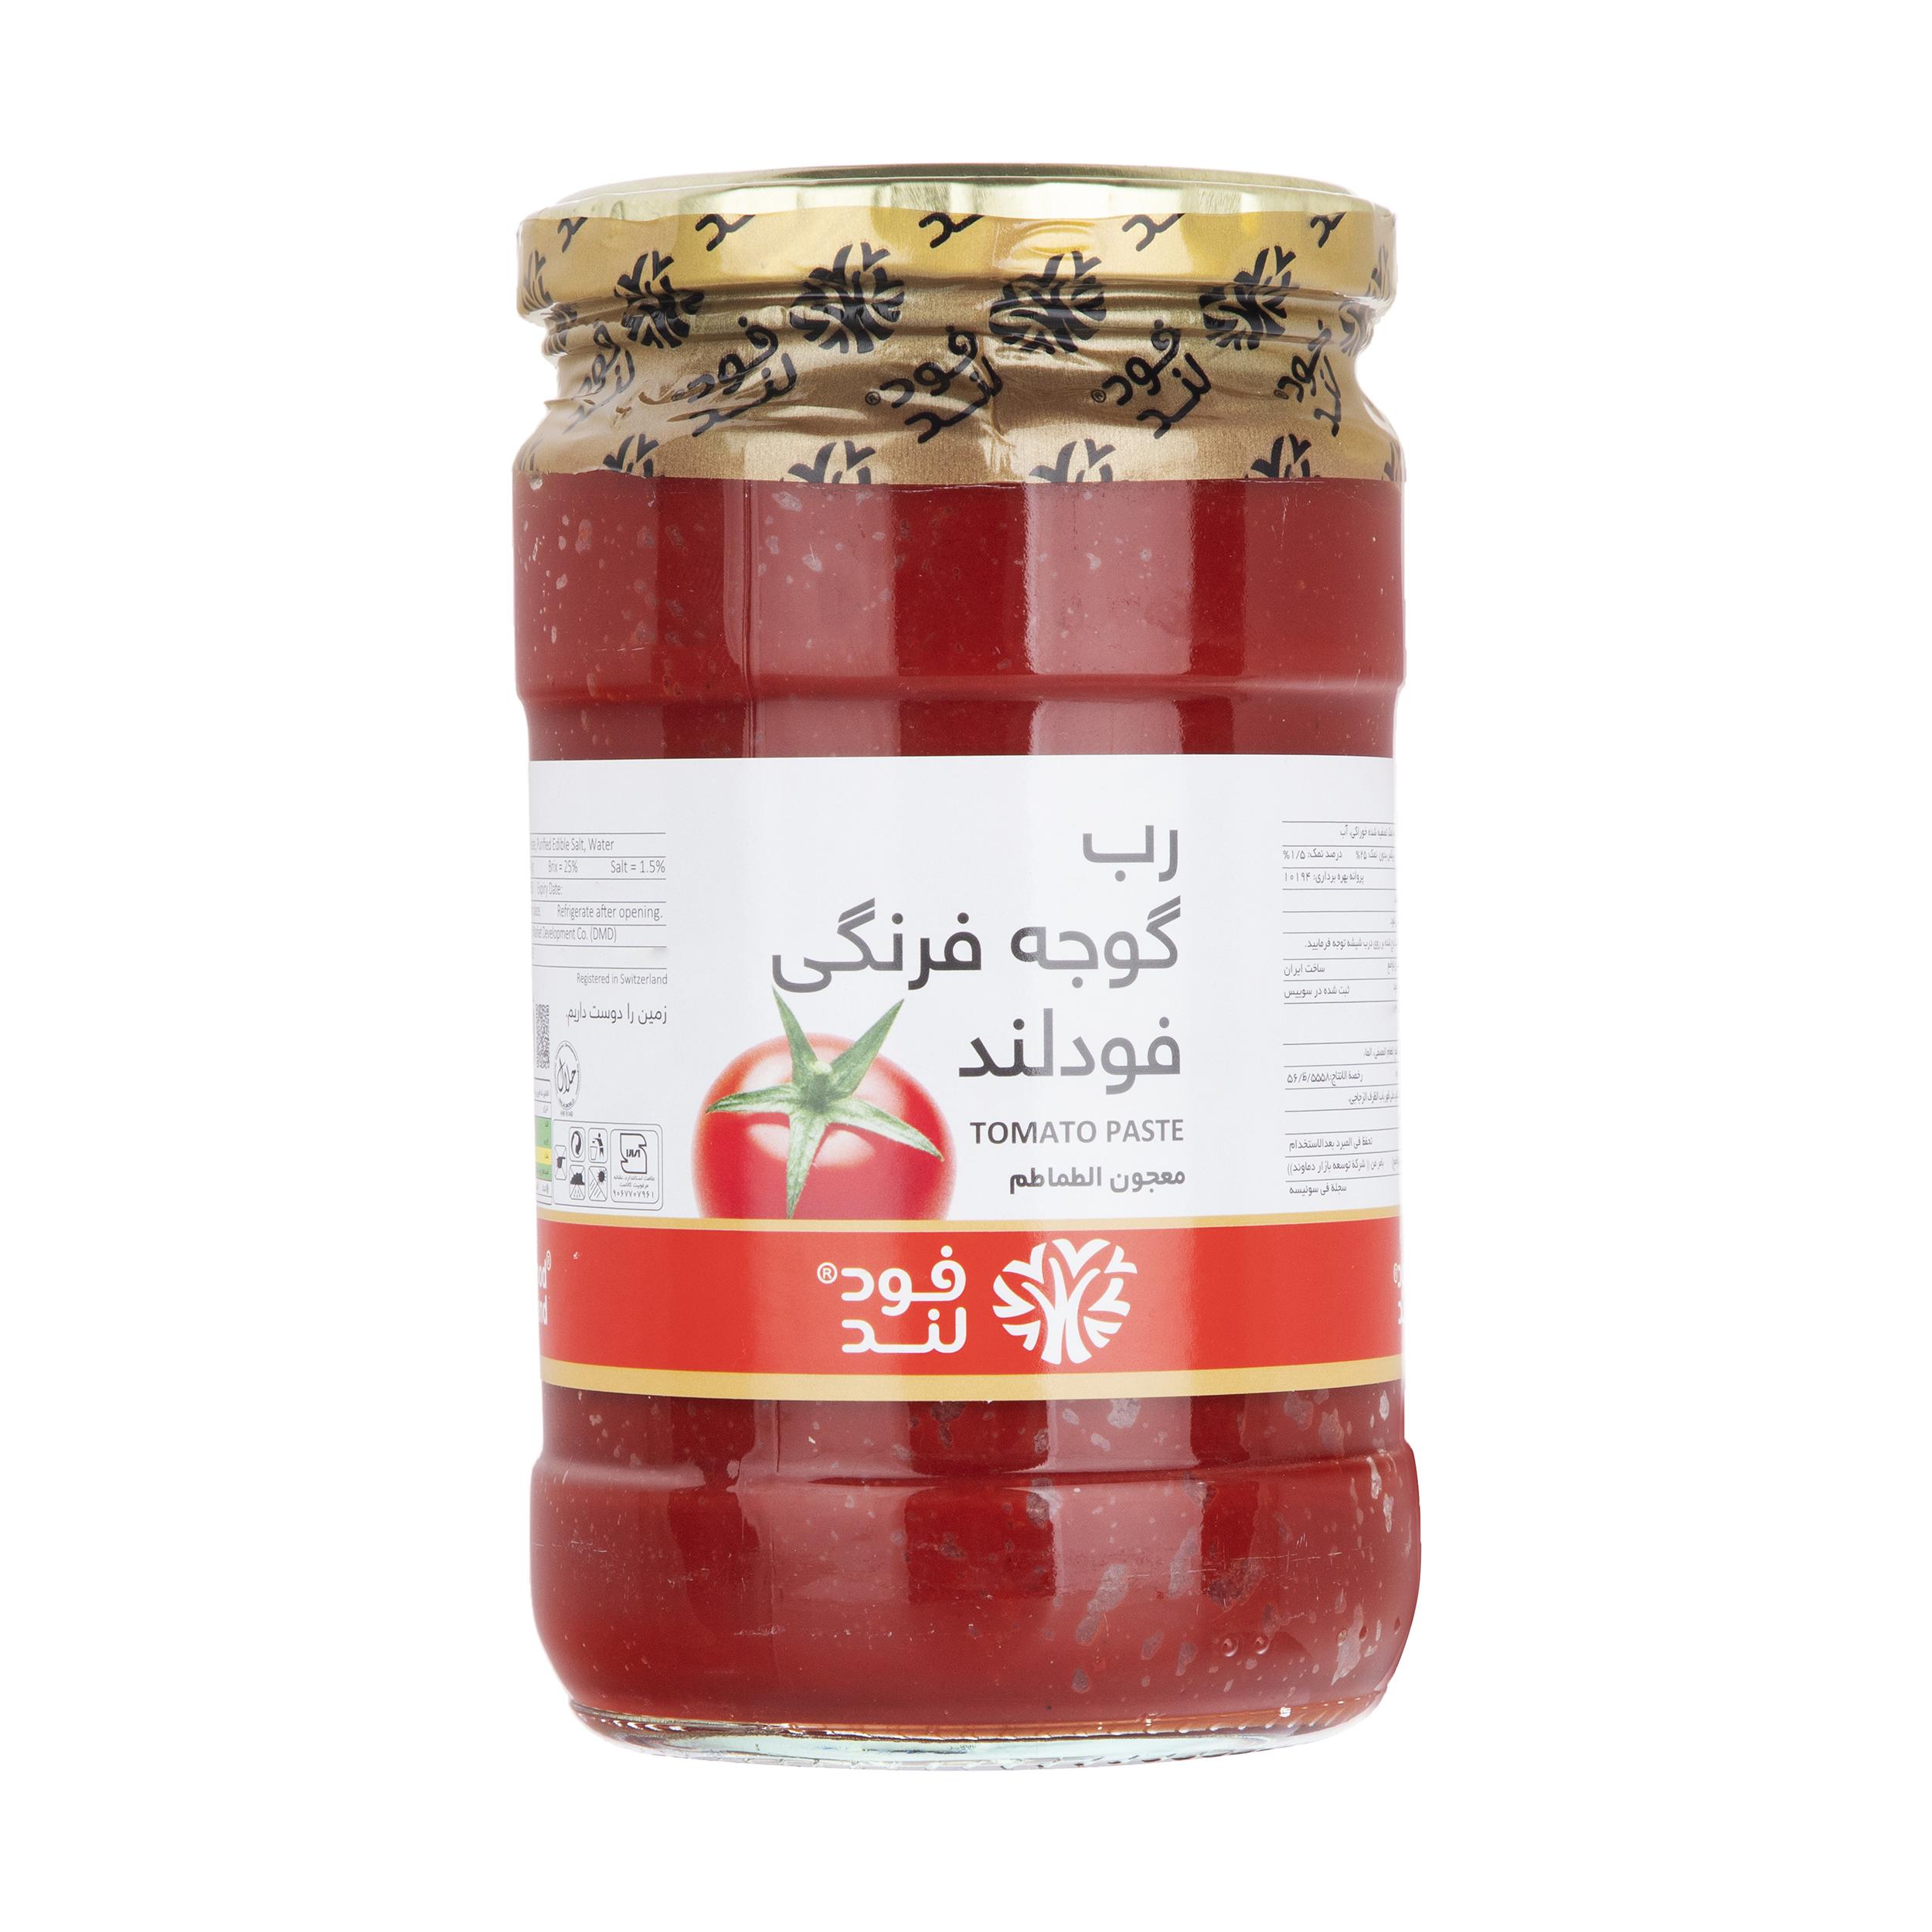 رب گوجه فرنگی فود لند - 680 گرم